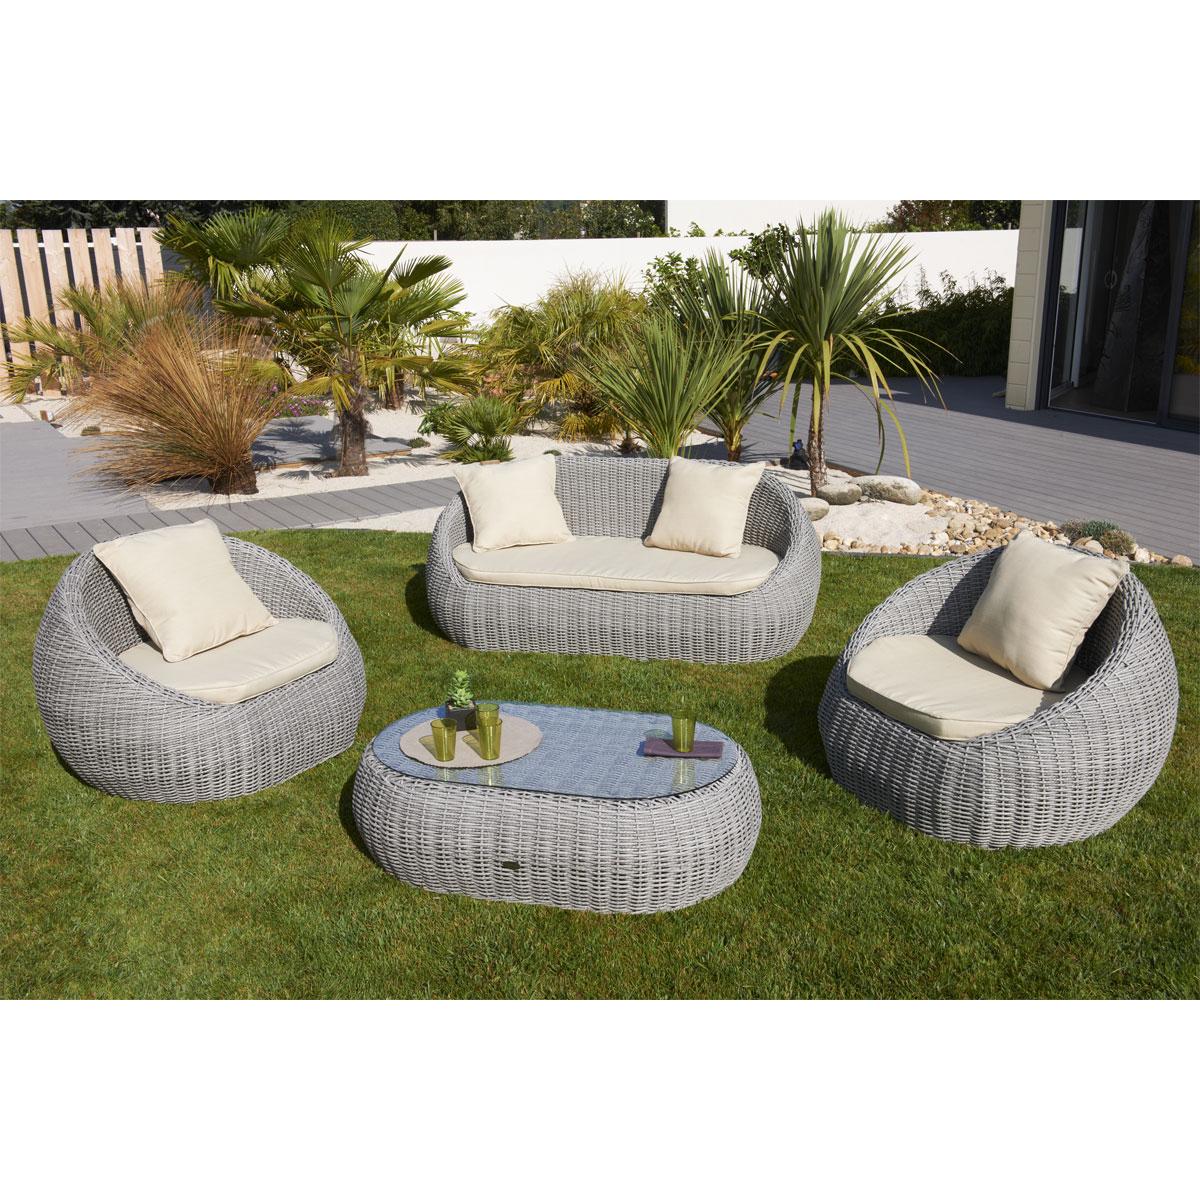 Salon De Jardin Rond Pas Cher 6 – Idées De Décoration avec Salon De Jardin Hesperide Pas Cher